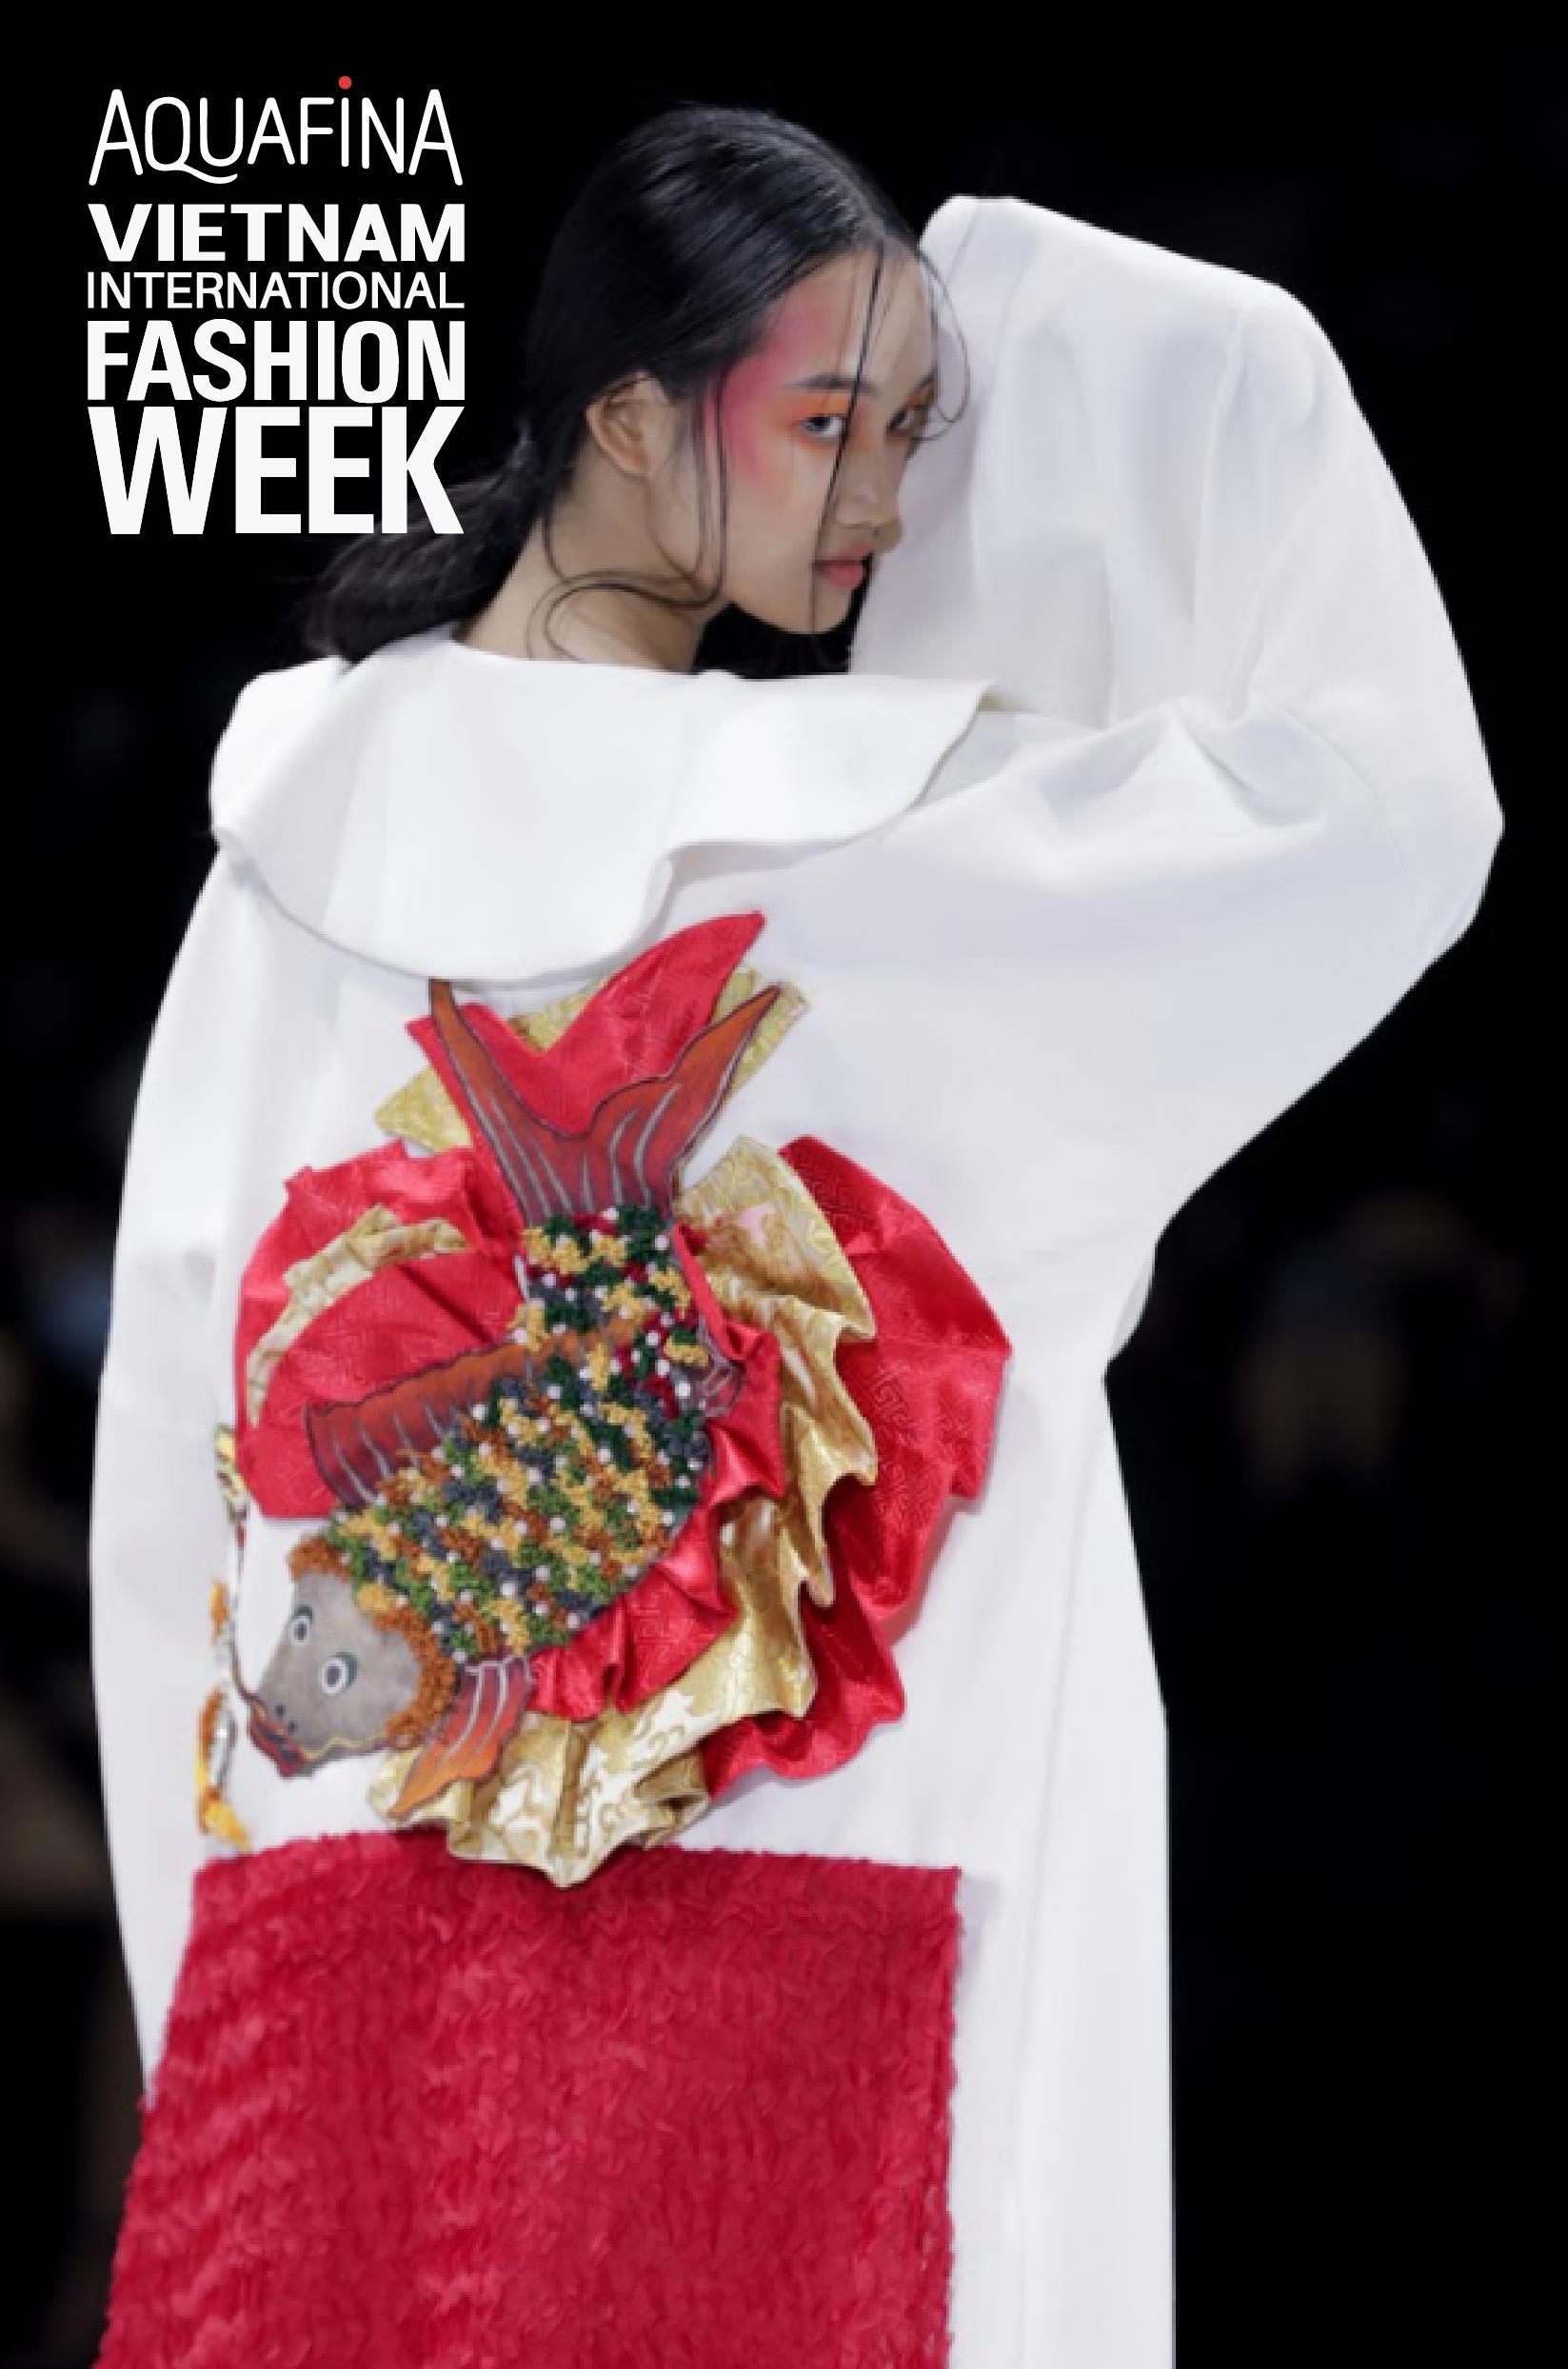 Xem Aquafina Tuần lễ Thời trang Quốc tế Việt Nam 2020 mới thấy: Nước mình còn vô vàn cảm hứng sáng tạo, cần chi đâu nước ngoài? - Ảnh 7.